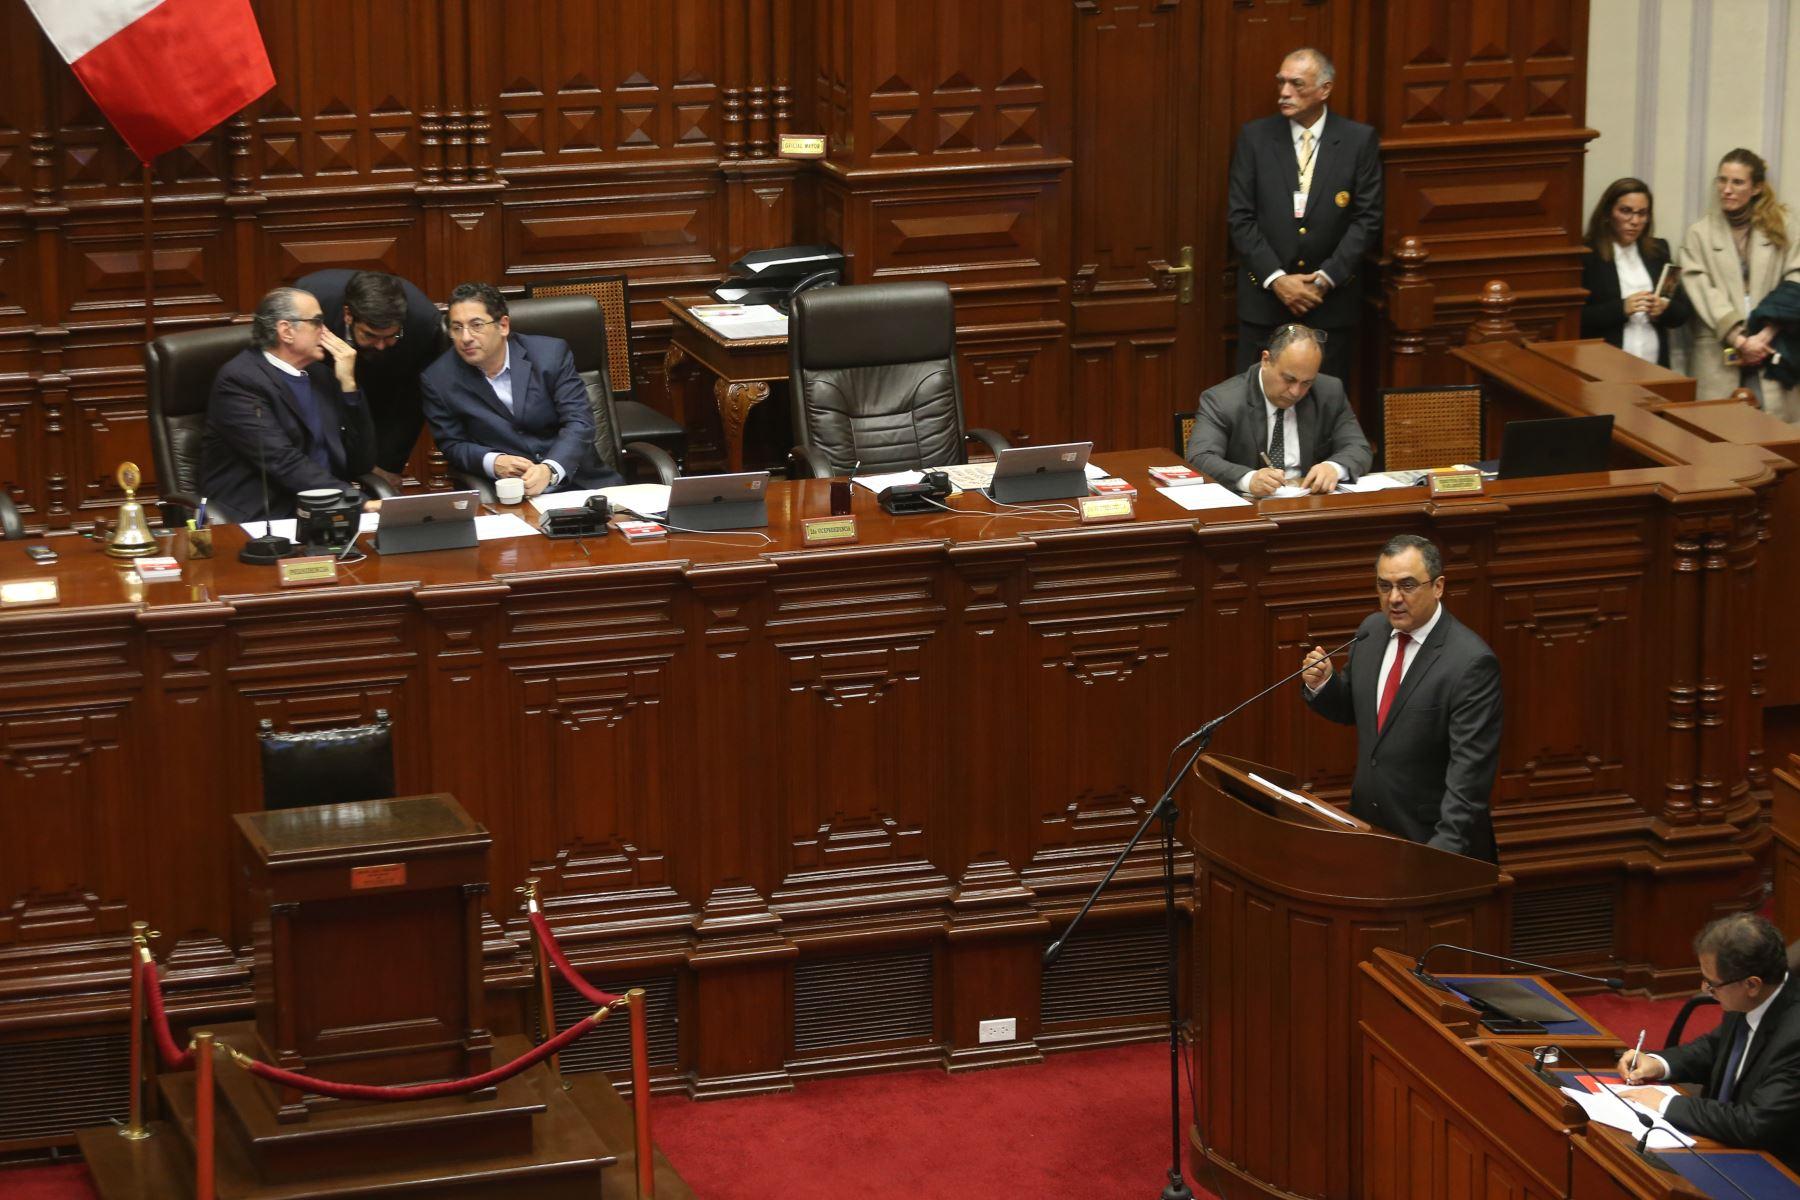 Ministro de Economía, Carlos Oliva expone ante el pleno del Congreso de la República. Foto:ANDINA /Eddy Ramos